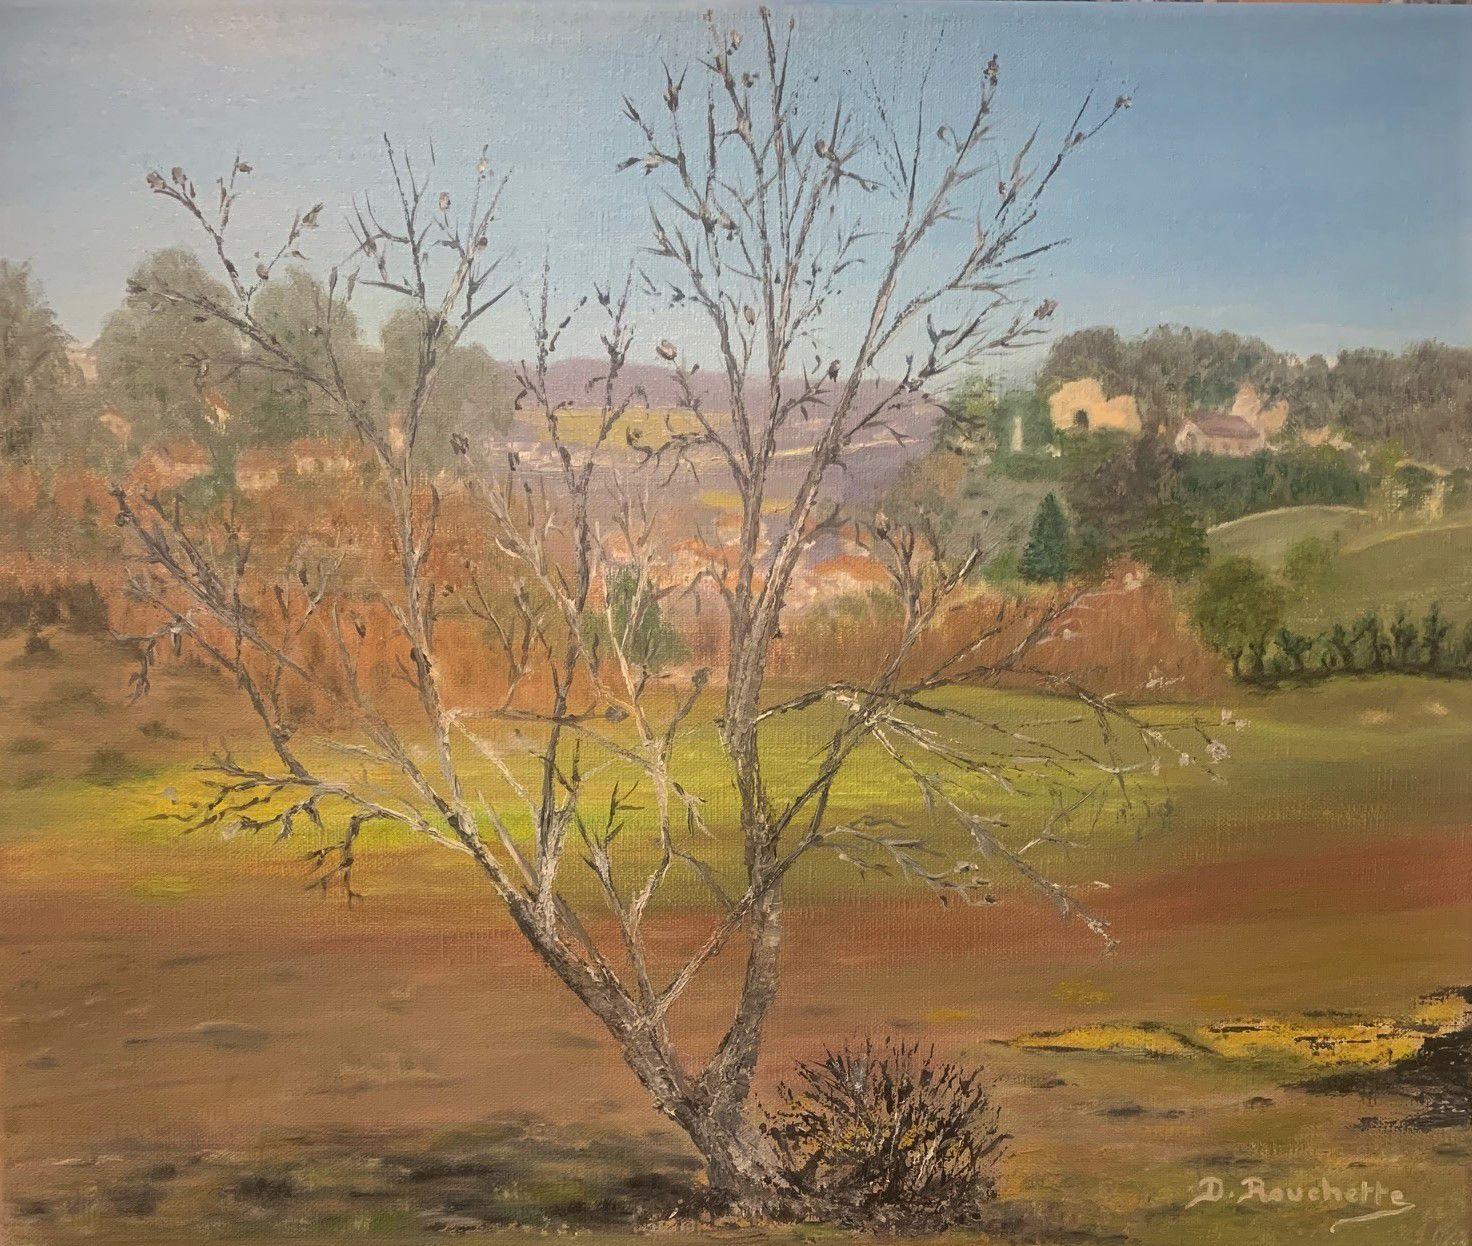 Et voilà une peinture de plus que Danielle a peint à l'huile. Ce pauvre arbre attend ses feuilles  !!